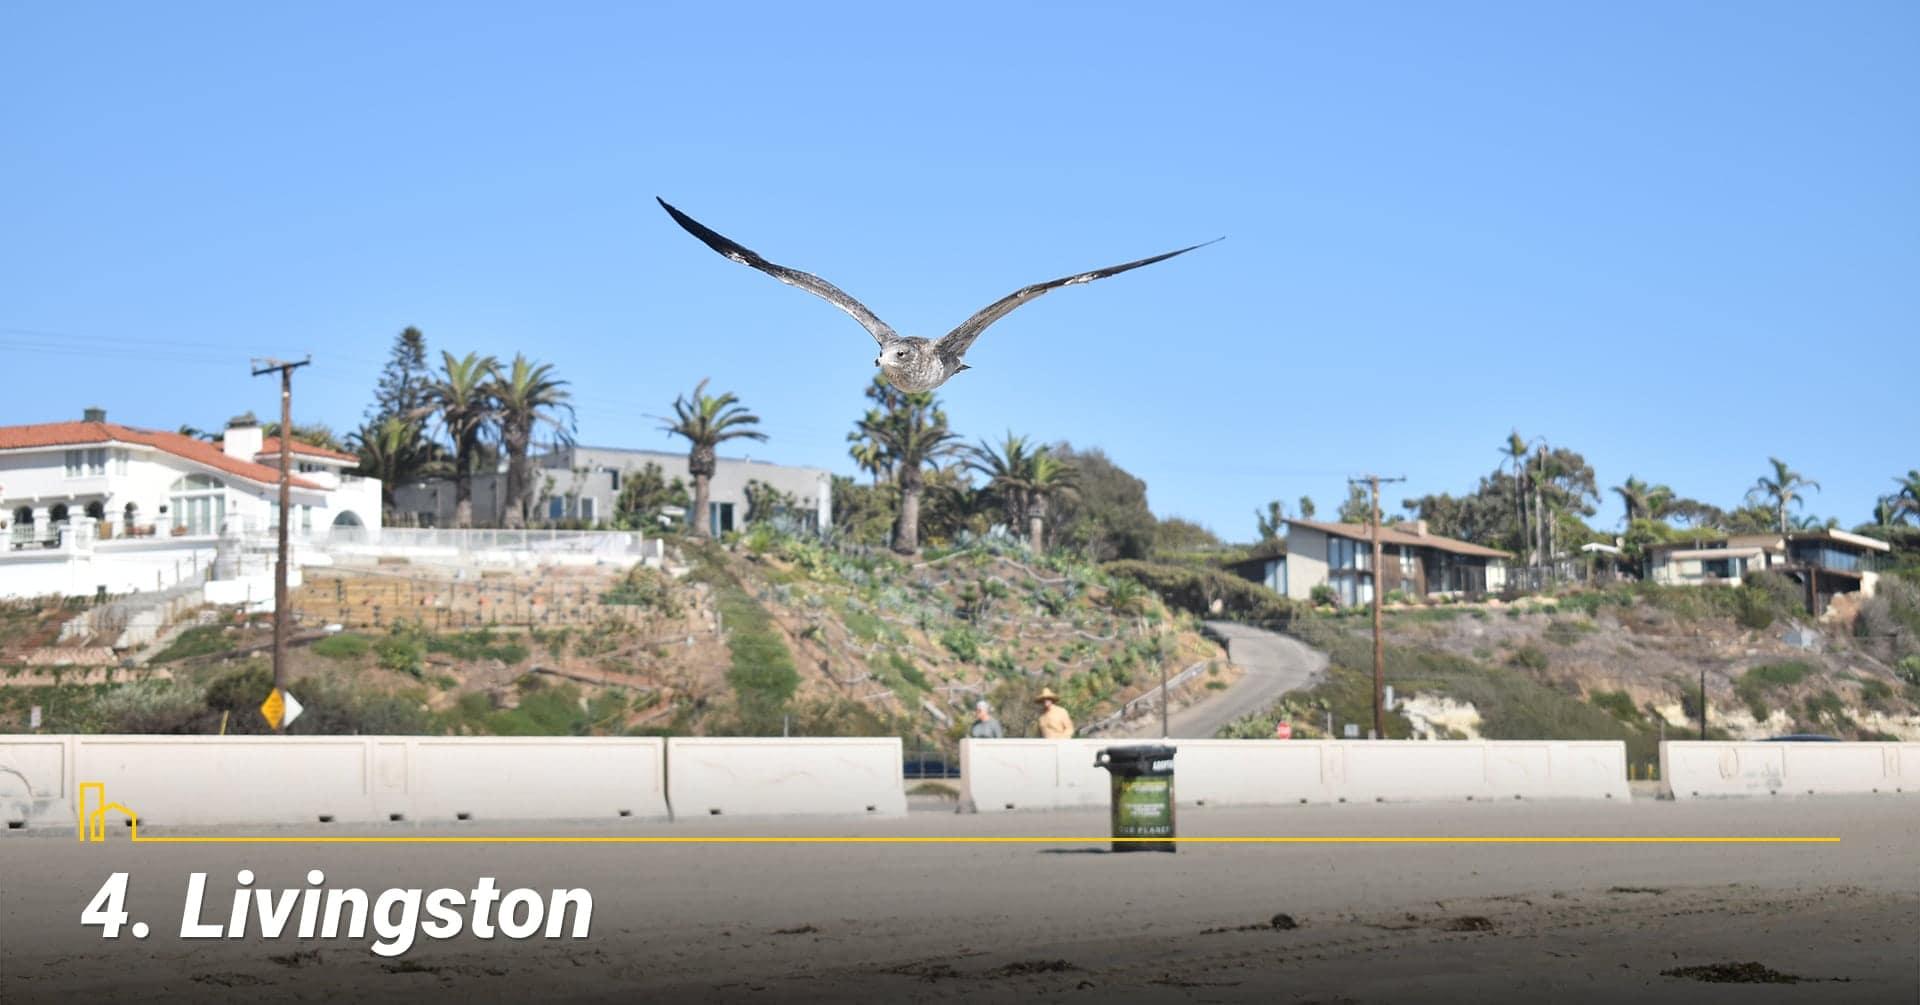 Livingston, California